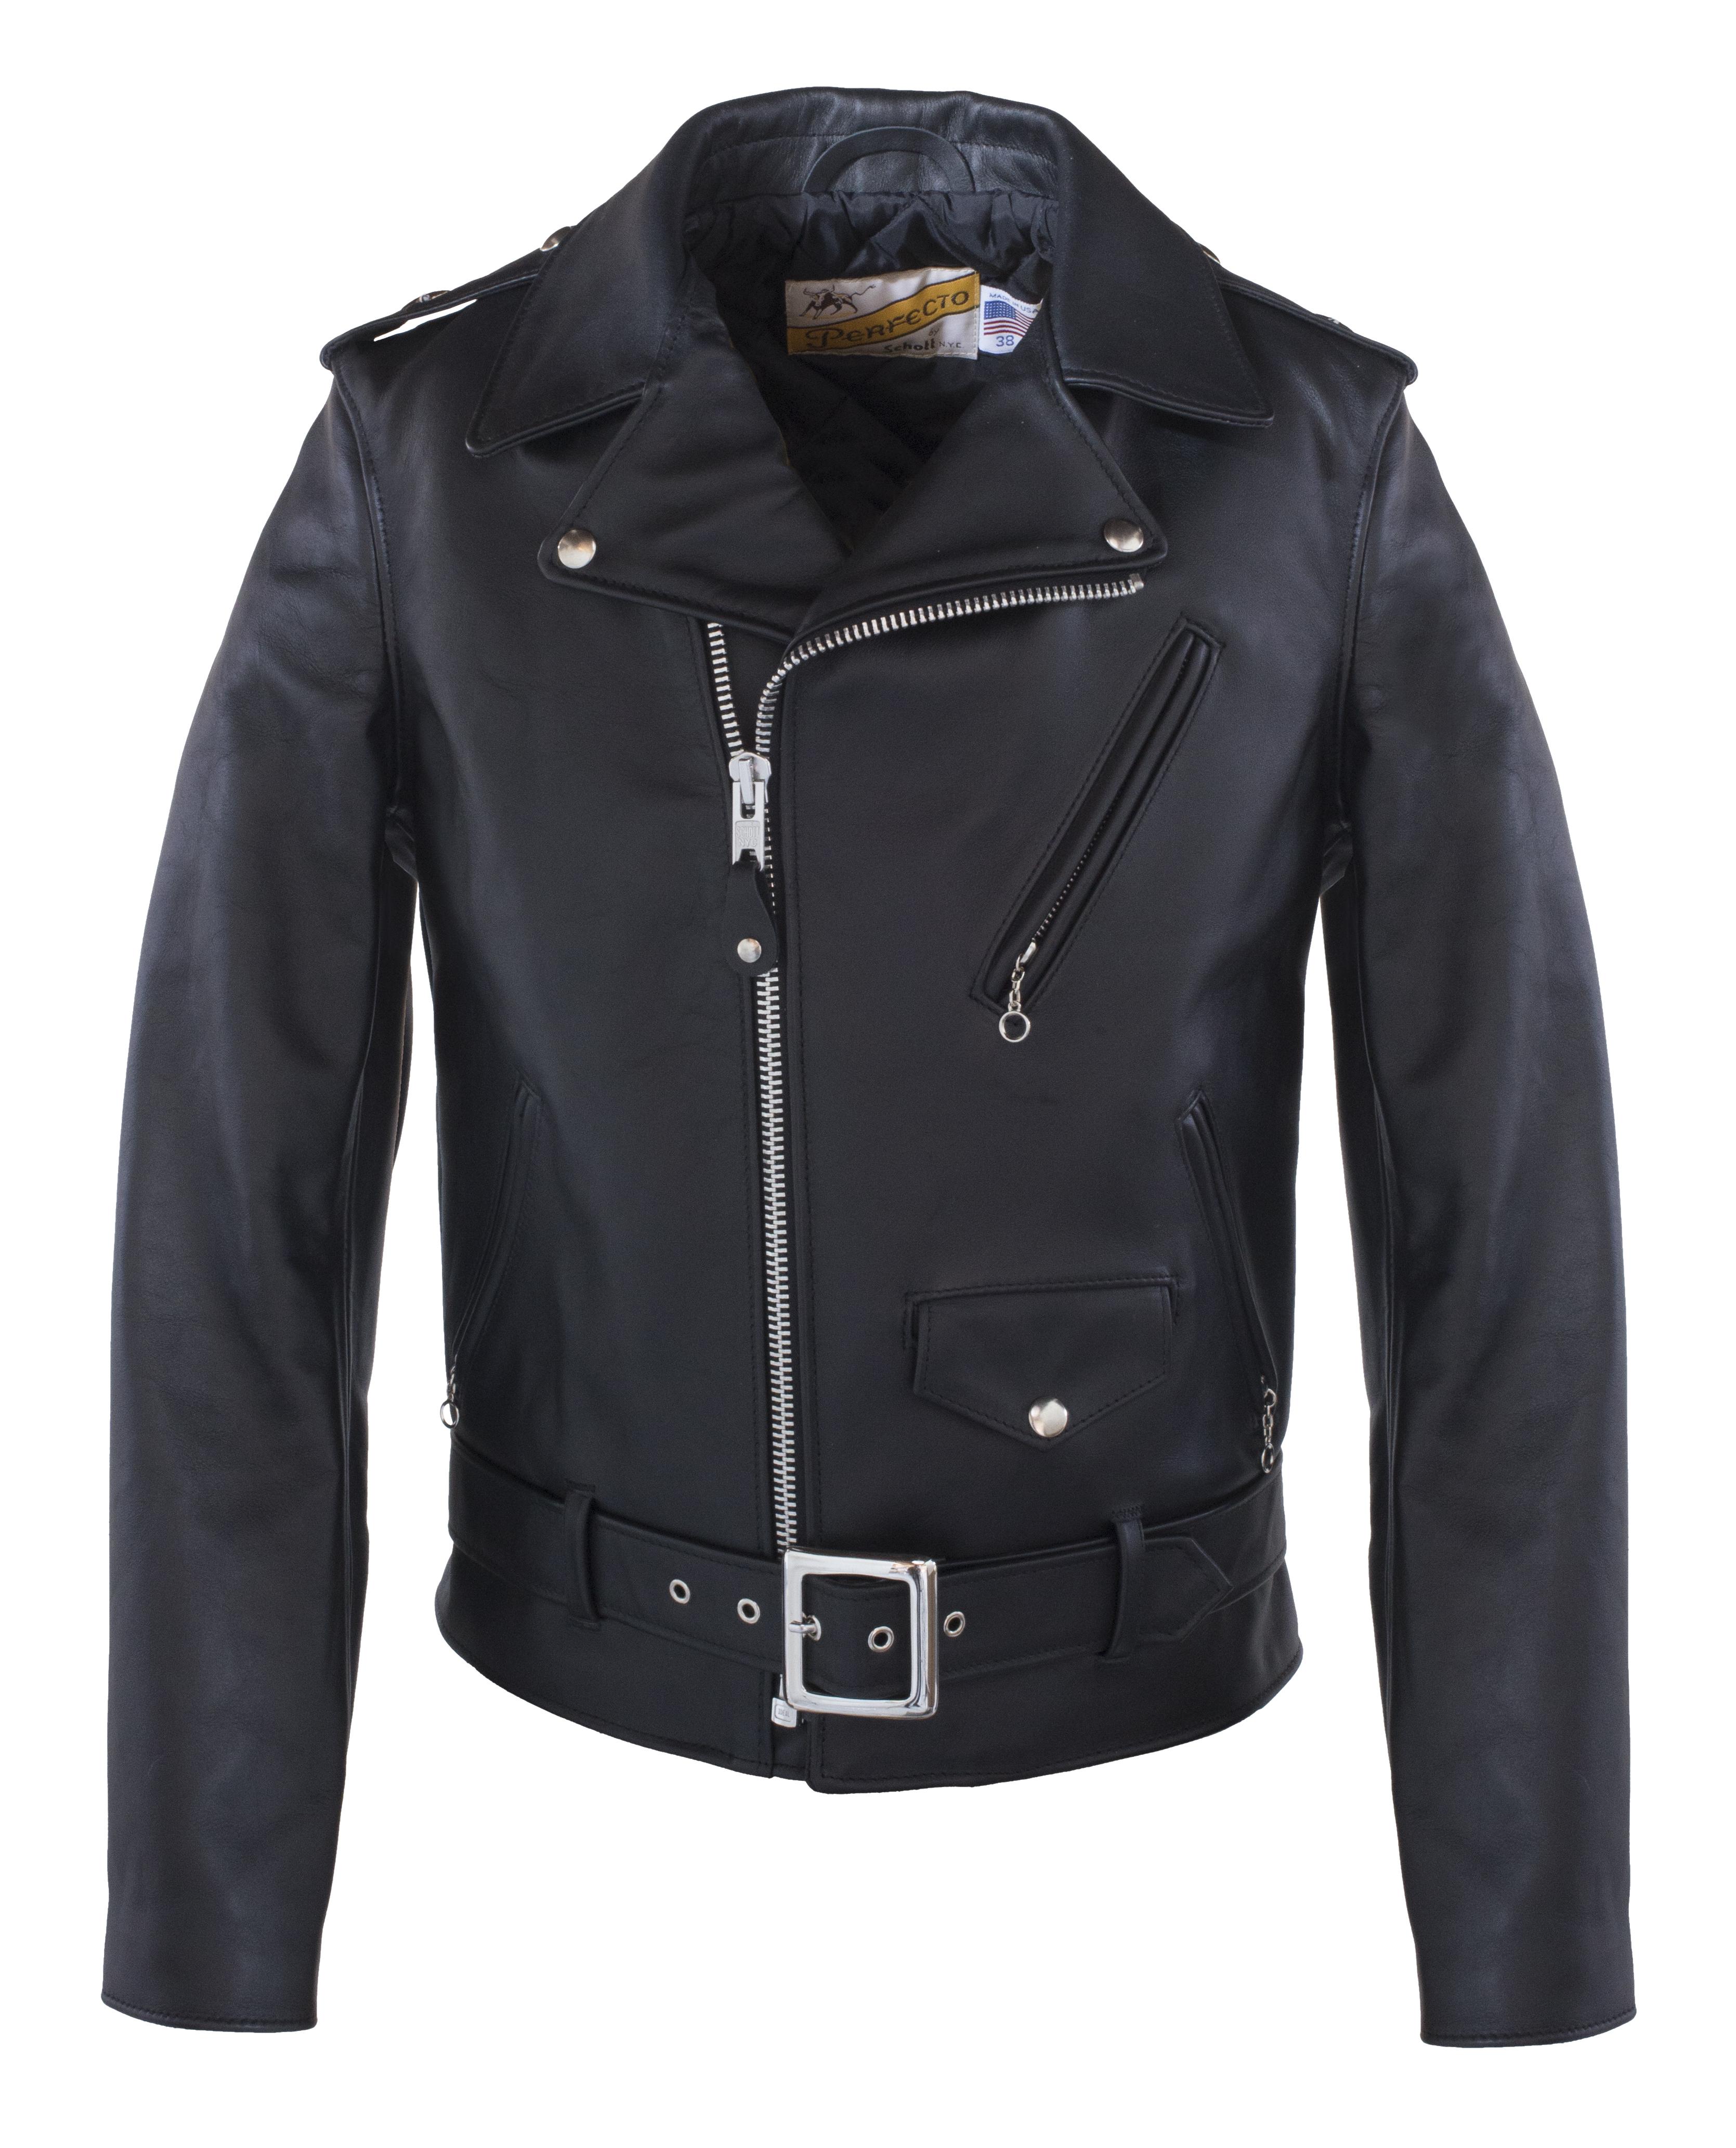 Schott N.Y.C. 613S Men's One Star Perfecto® Motorcycle Jacket